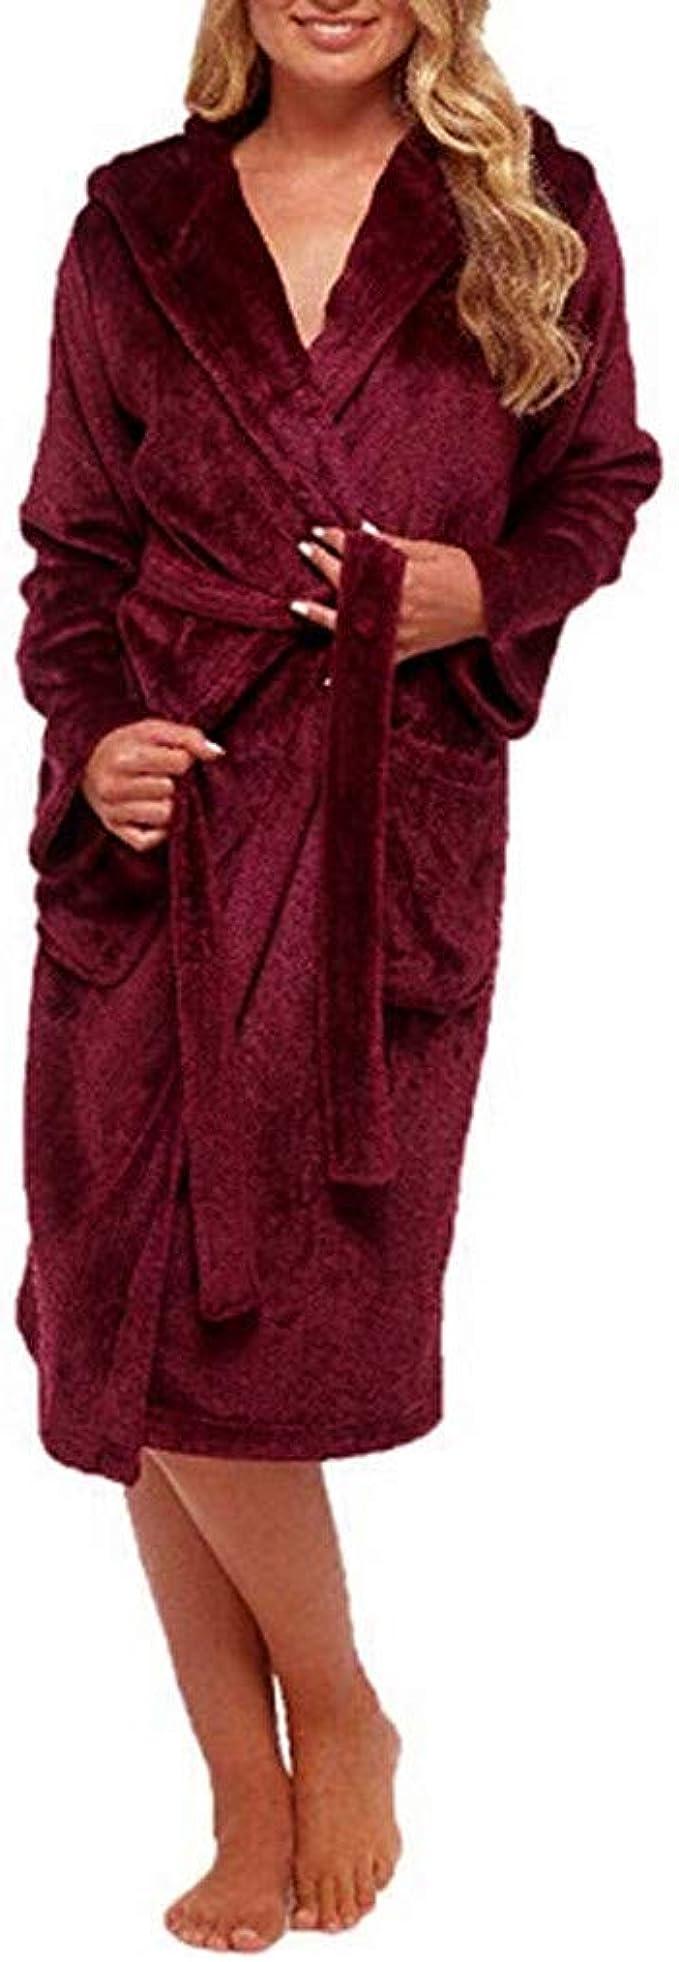 Westkun Unisexe Peignoir Long Robe de Chambre en Peluche Polaire /à Capuche Pyjama Complet Zipp/ée Manteaux V/êtements de Nuit pour Les Femmes /& Hommes-Cadeau Parfait